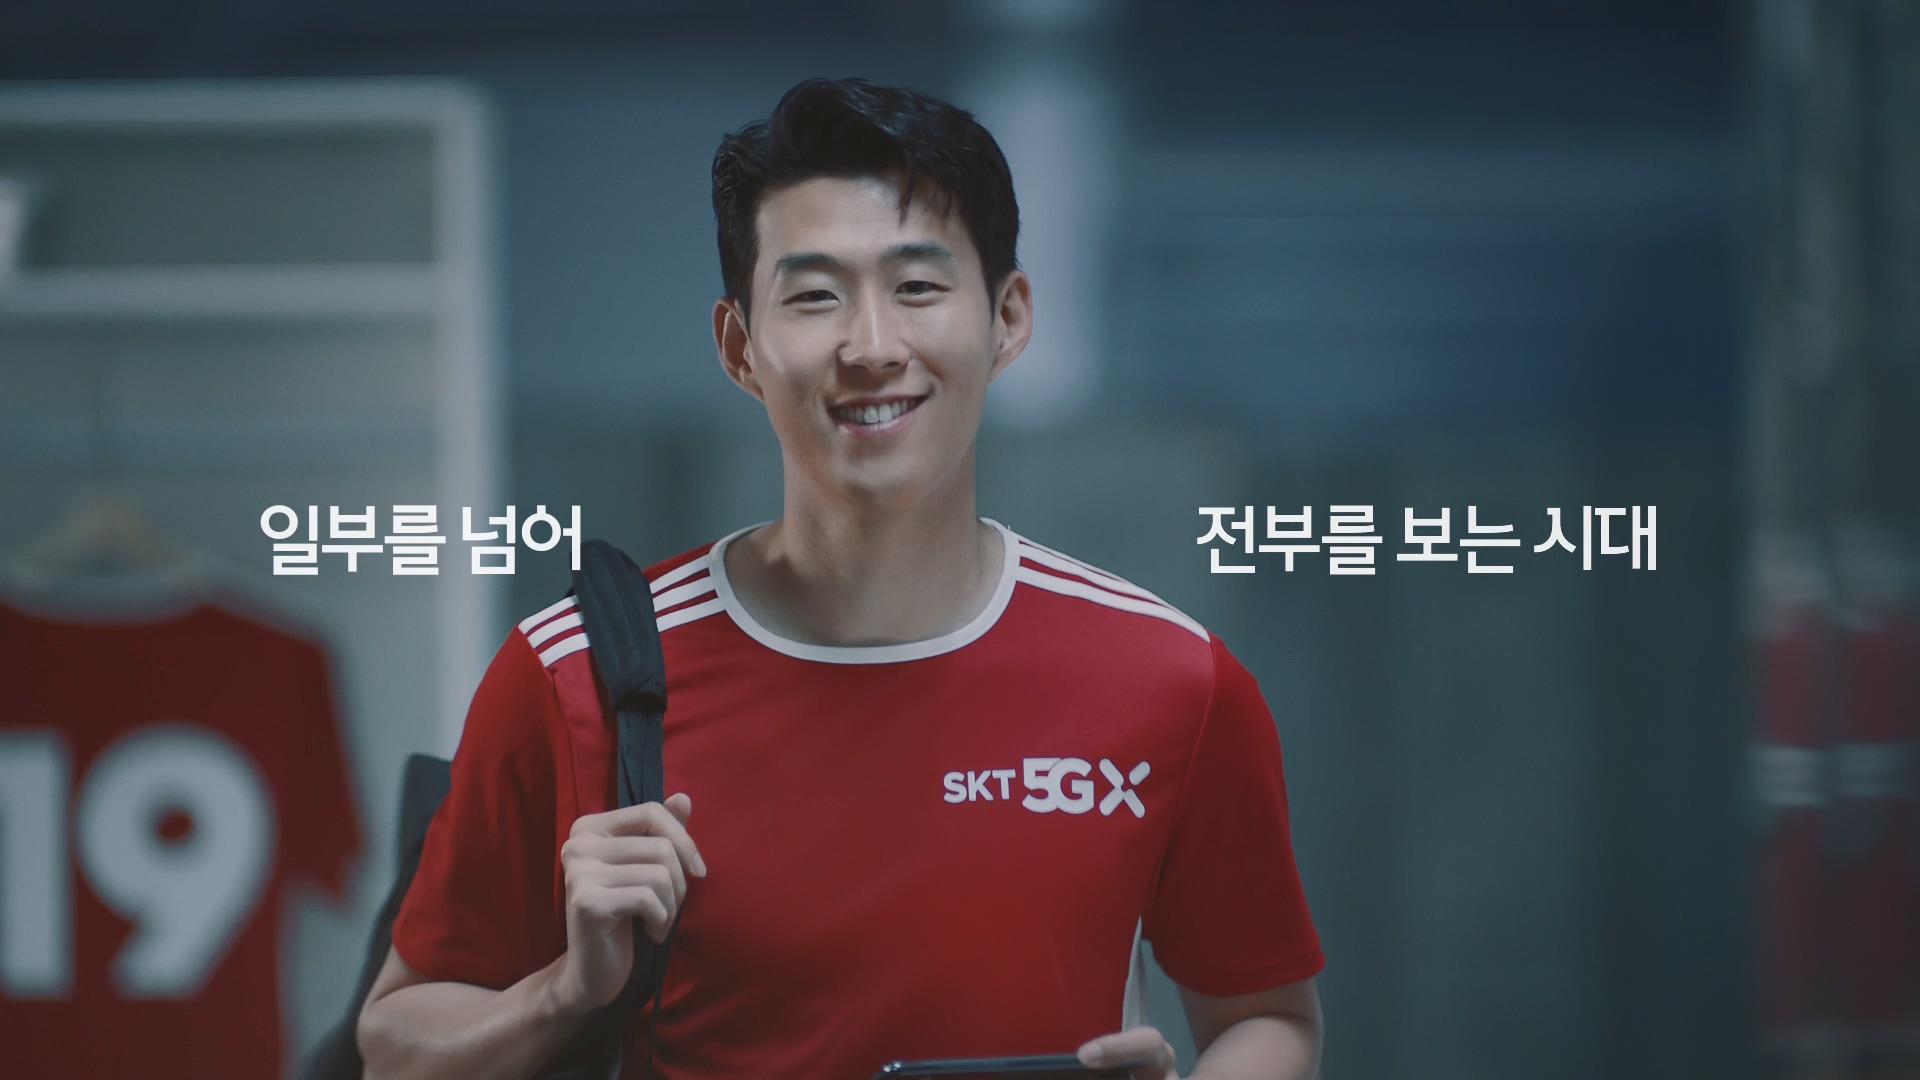 SK텔레콤 5GX 신규 광고 영상에 등장한 손흥민 선수.ⓒSK텔레콤